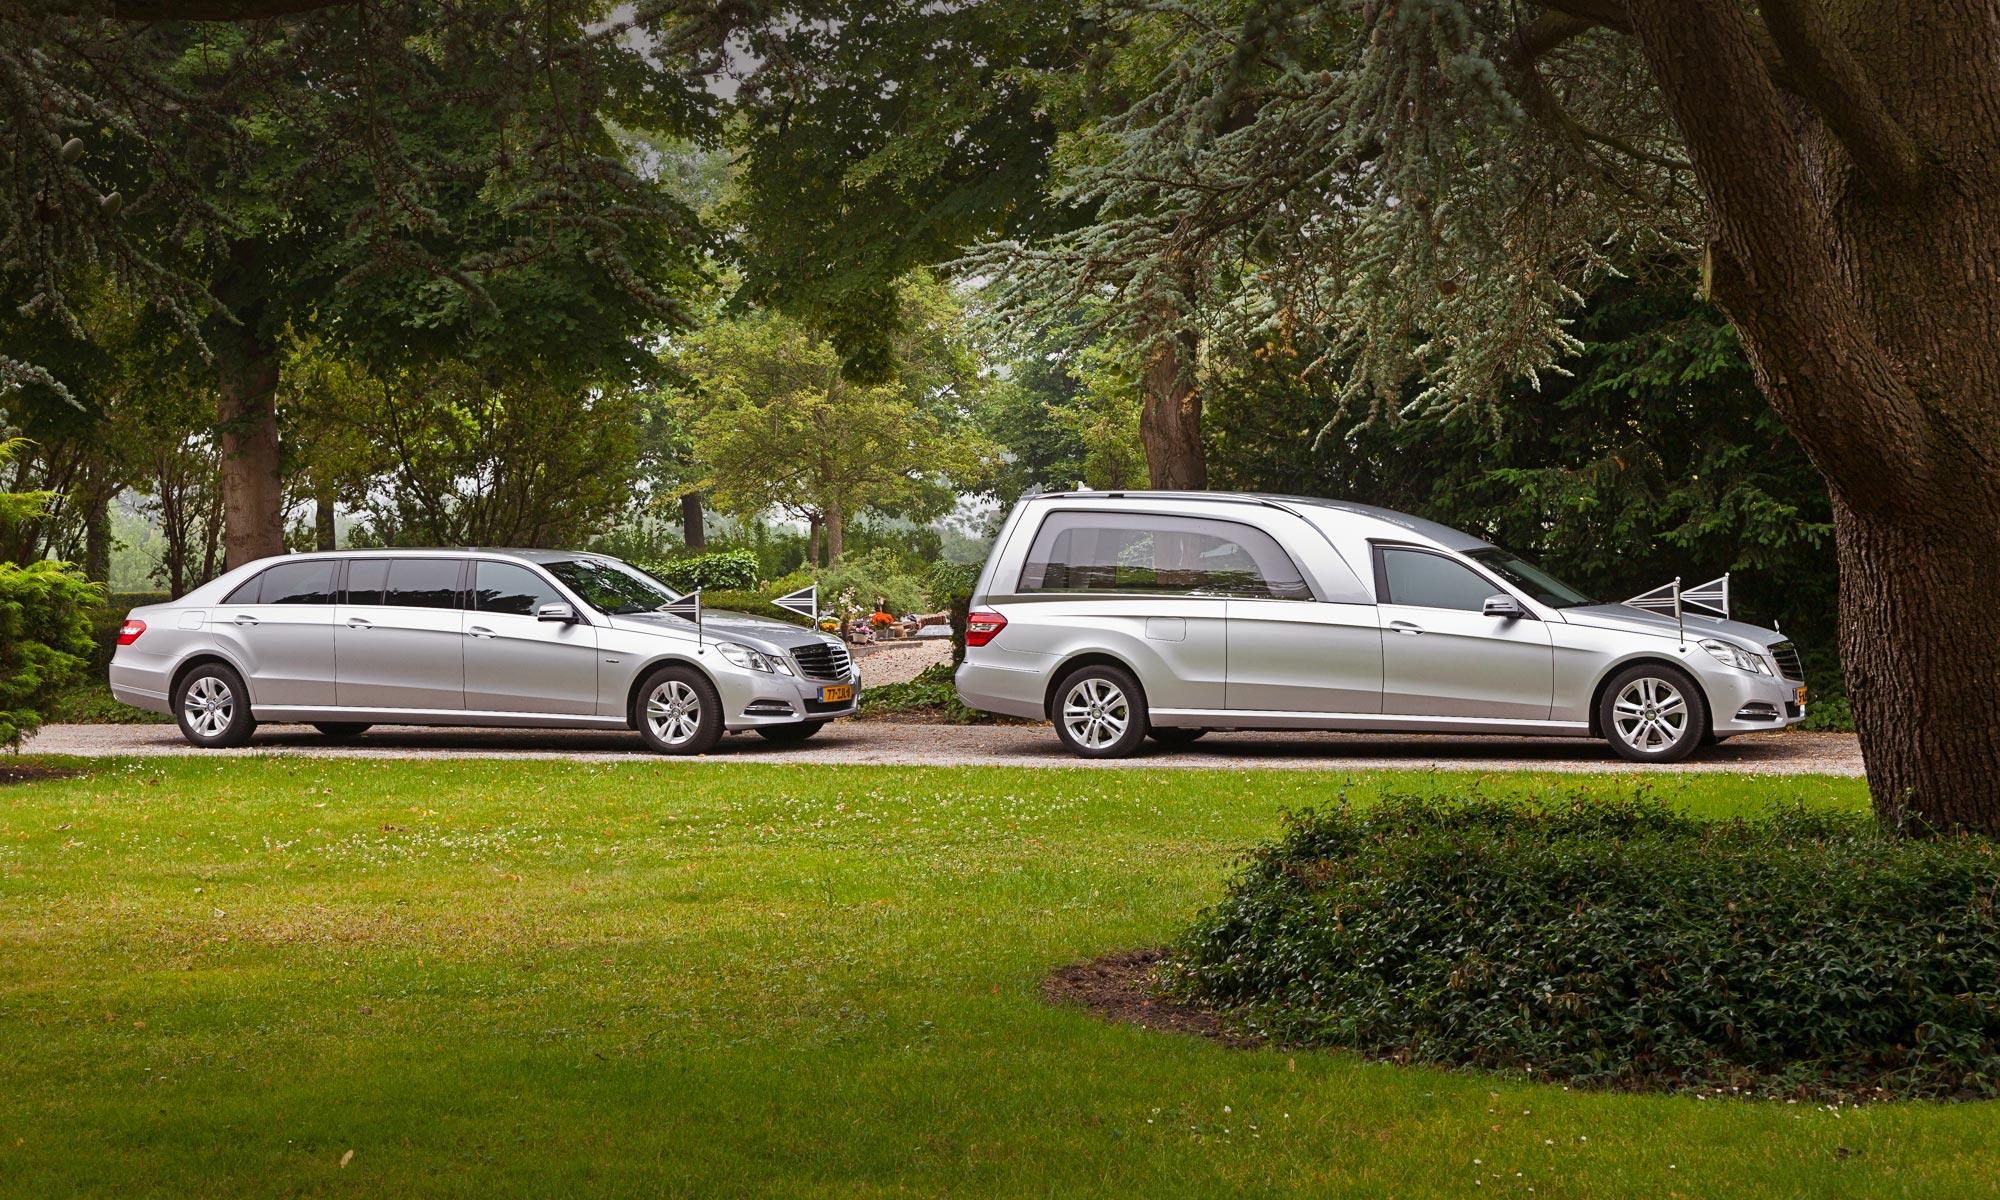 Zilvergrijze Mercedes rouwauto en volgauto, een rouwstoet of uitvaartstoet van nabestaanden die hun overleden dierbare vergezellen naar de laatste rustplaats.